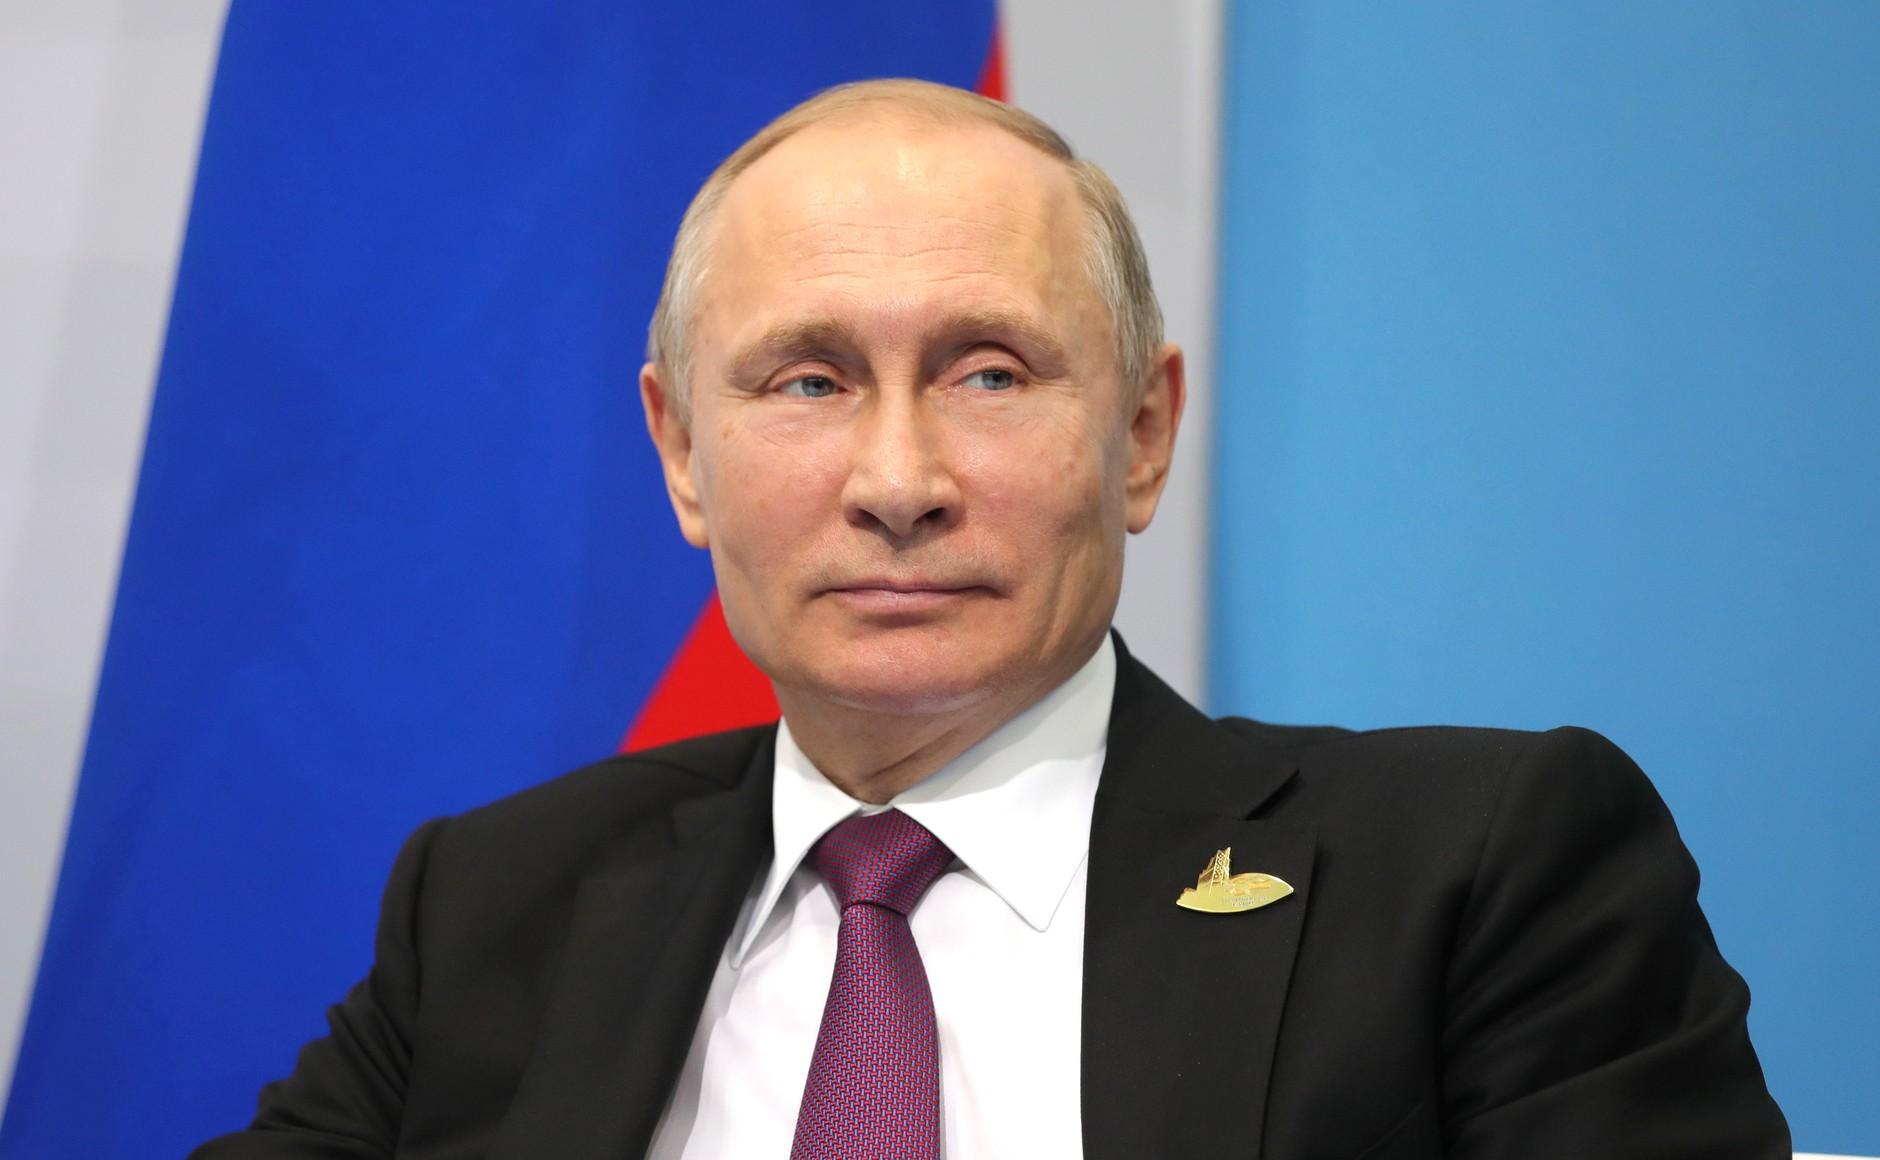 У Путина готова новая тактика против Украины: генерал предостерег Киев